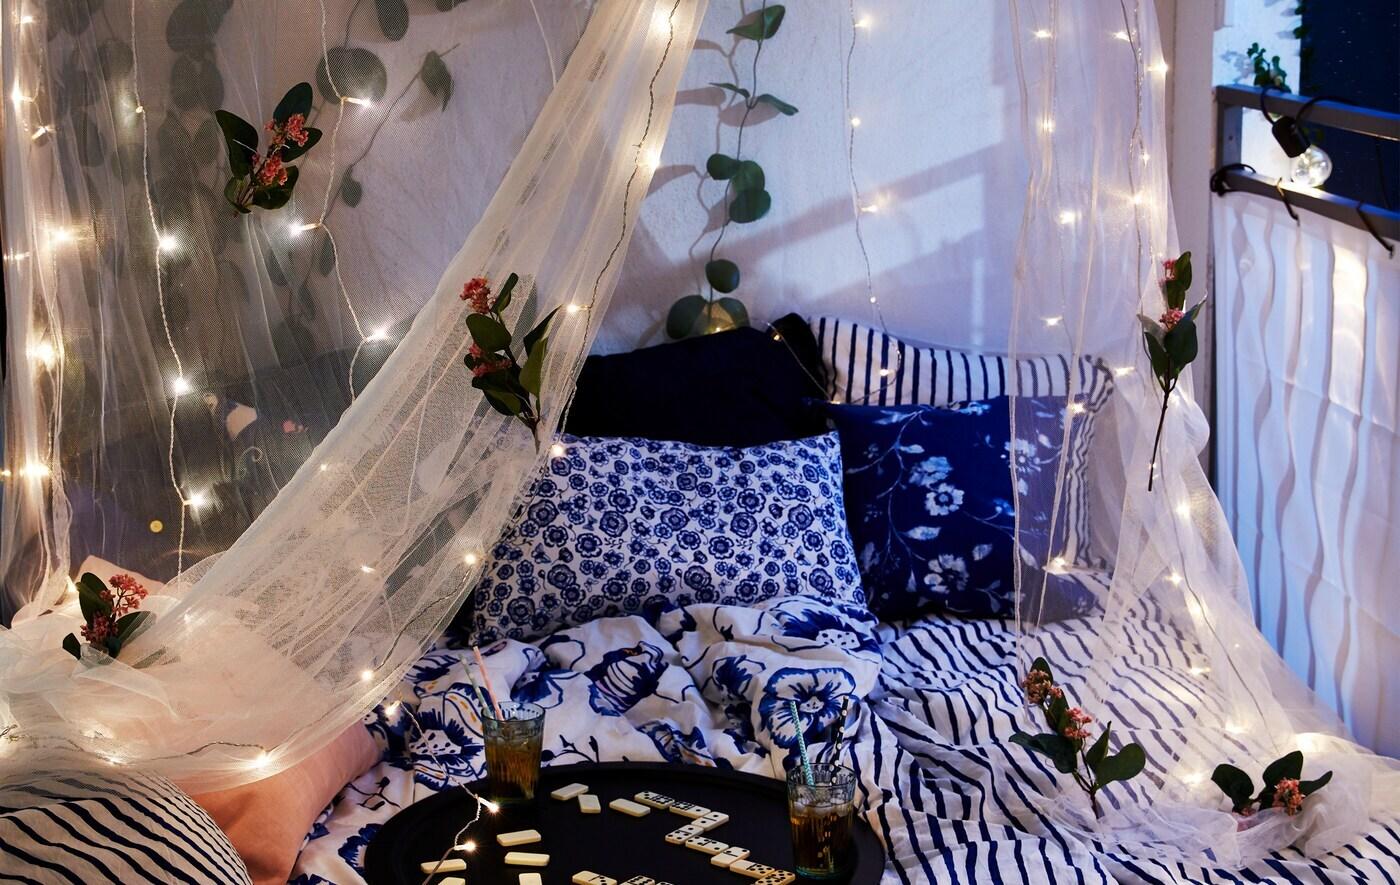 Lit installé sur le balcon, dais-moustiquaire garni de fleurs et de guirlandes lumineuses à DEL, boissons et jeux sur un plateau.